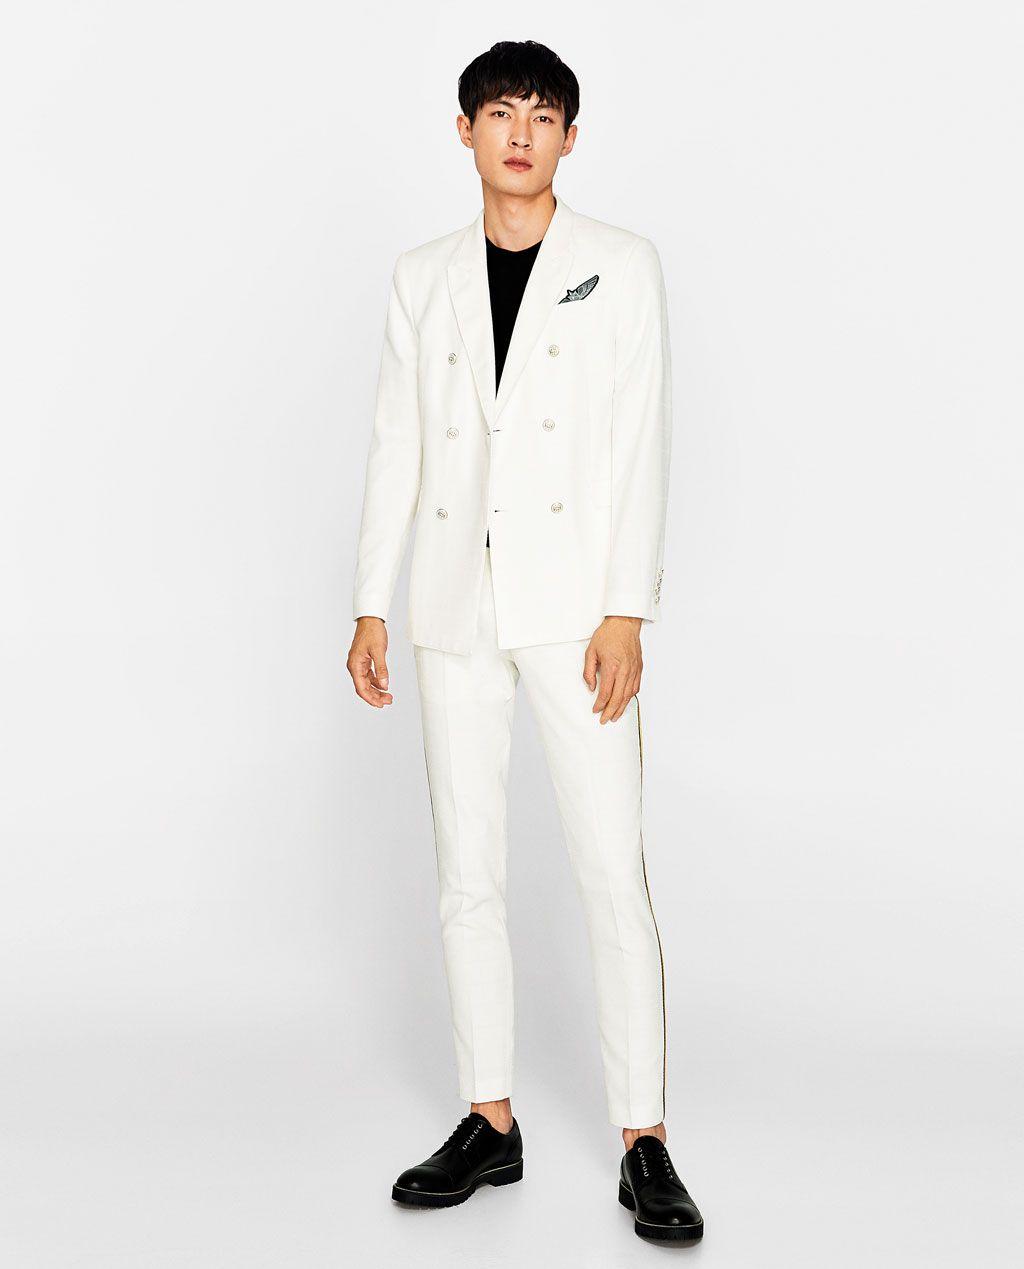 image 1 de blazer crois textur de zara men coats jackets pinterest blazer crois. Black Bedroom Furniture Sets. Home Design Ideas